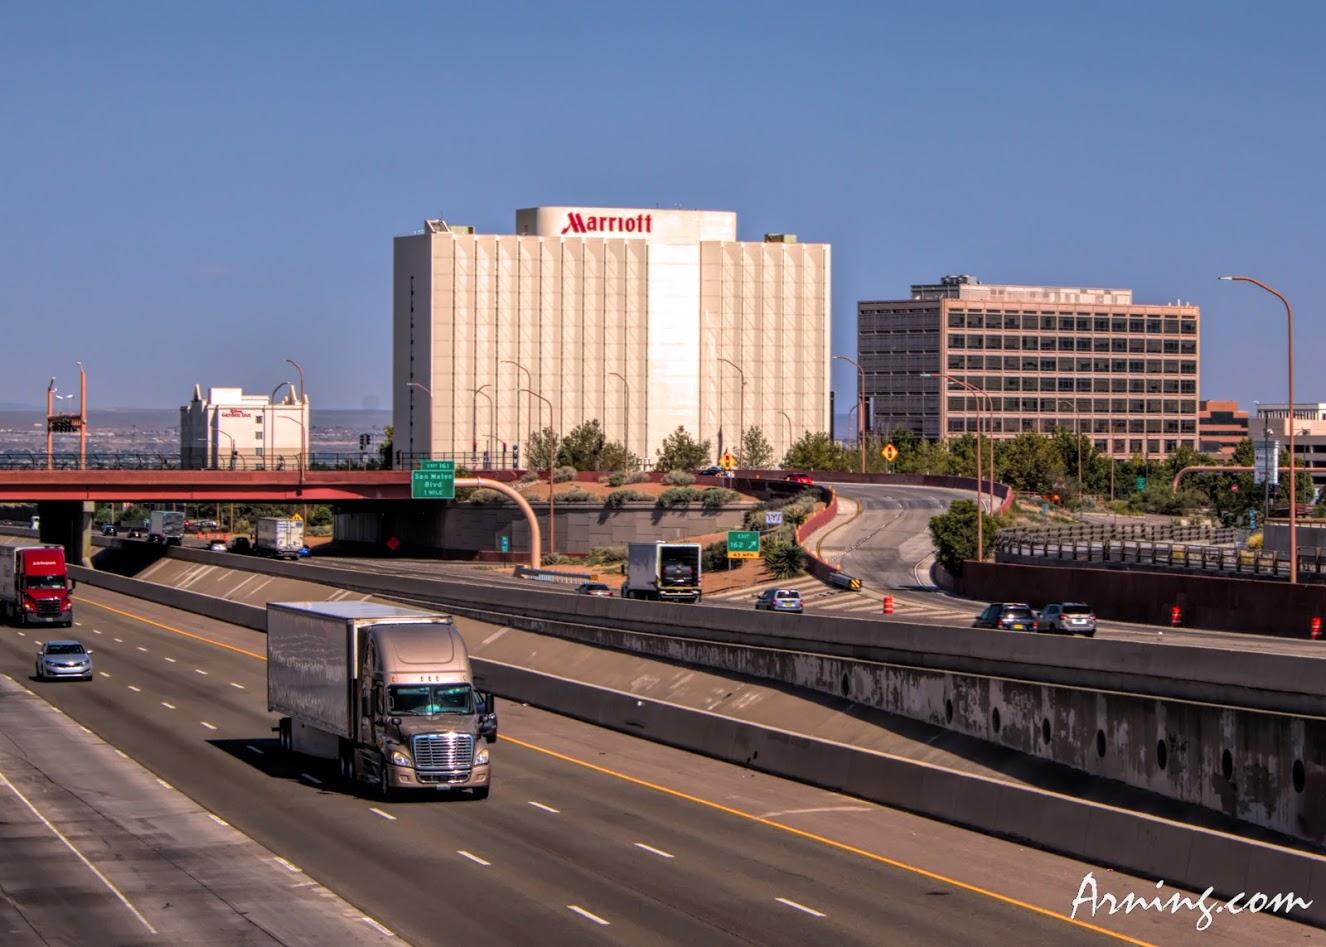 The Louisiana overpass in Albuquerque